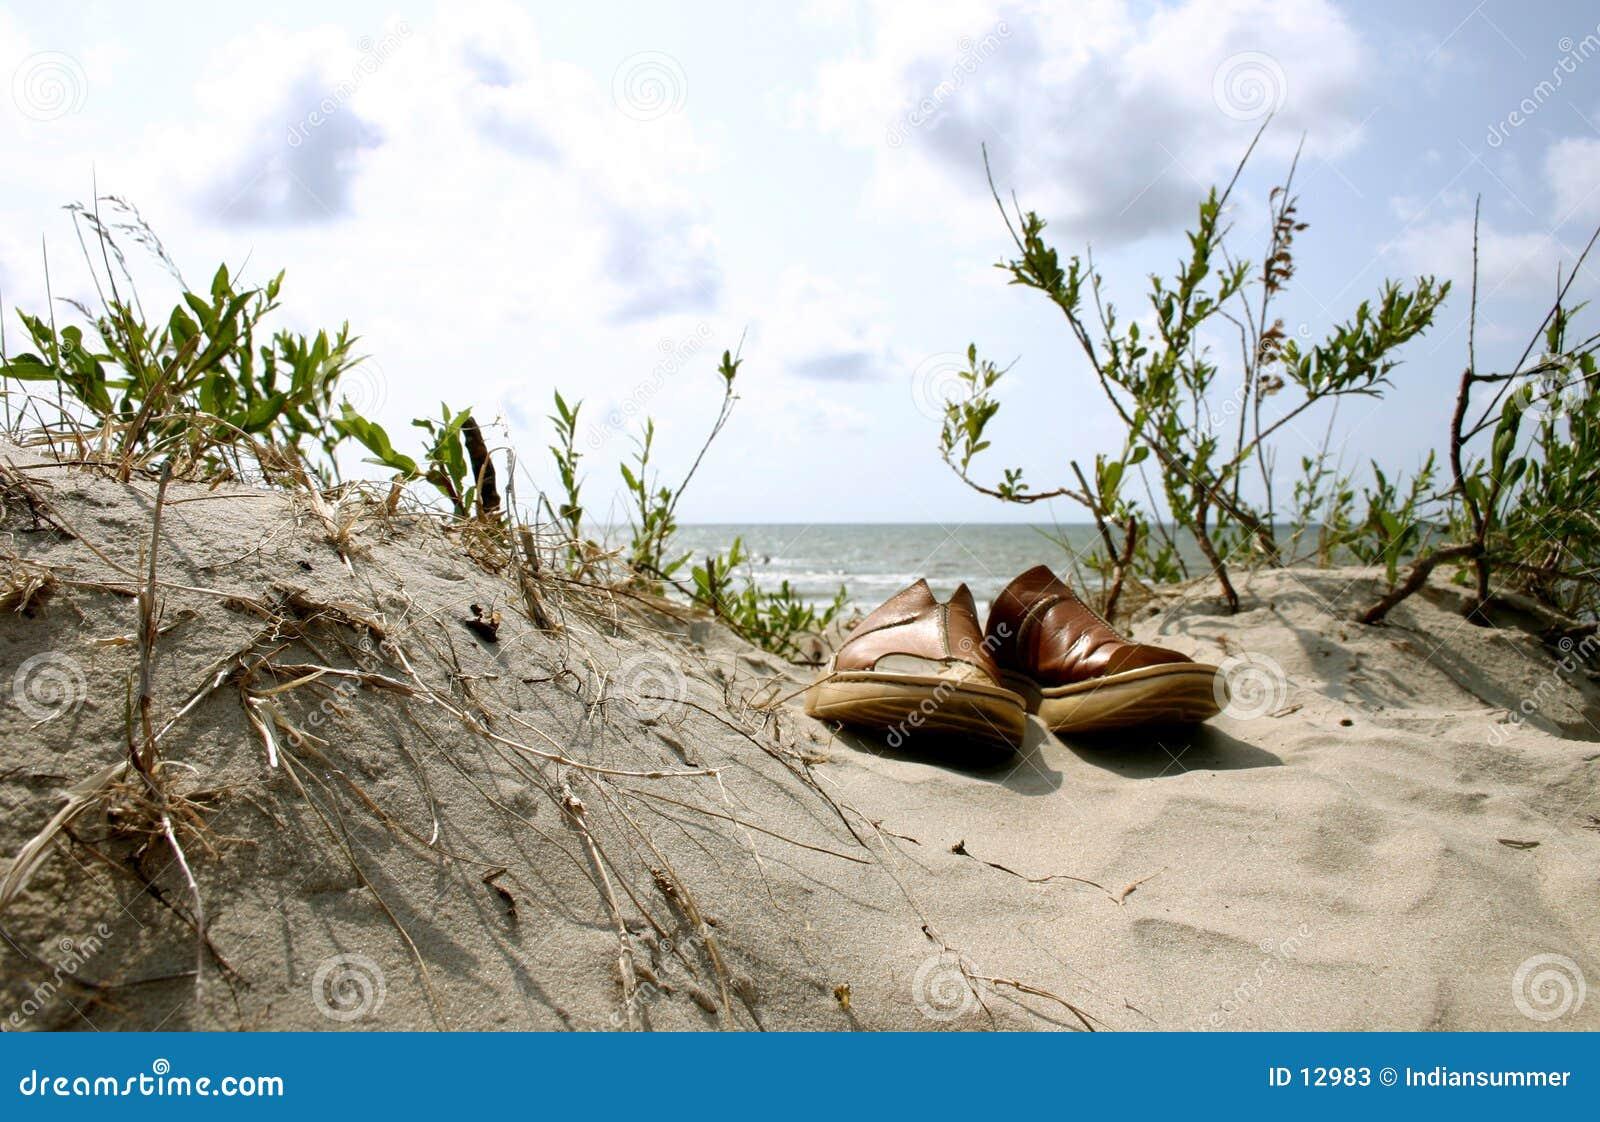 Verão. Praia. Férias